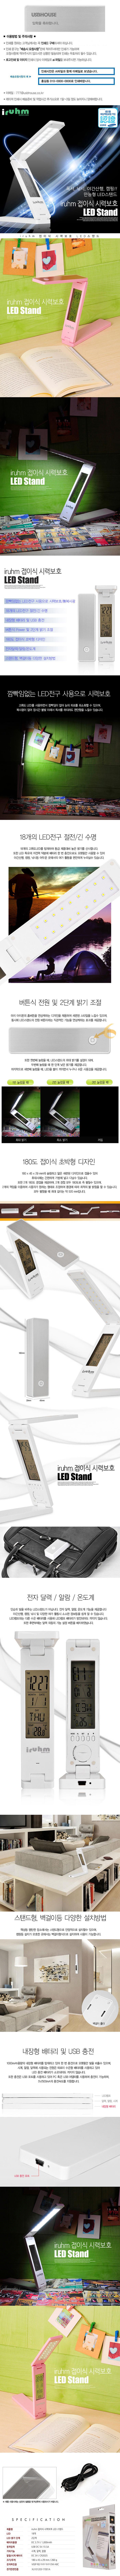 iruhm 휴대용 접이식 LED 스탠드 충전식 수유등 독서등 - 친절한유에스비하우스, 13,800원, 리빙조명, 테이블조명